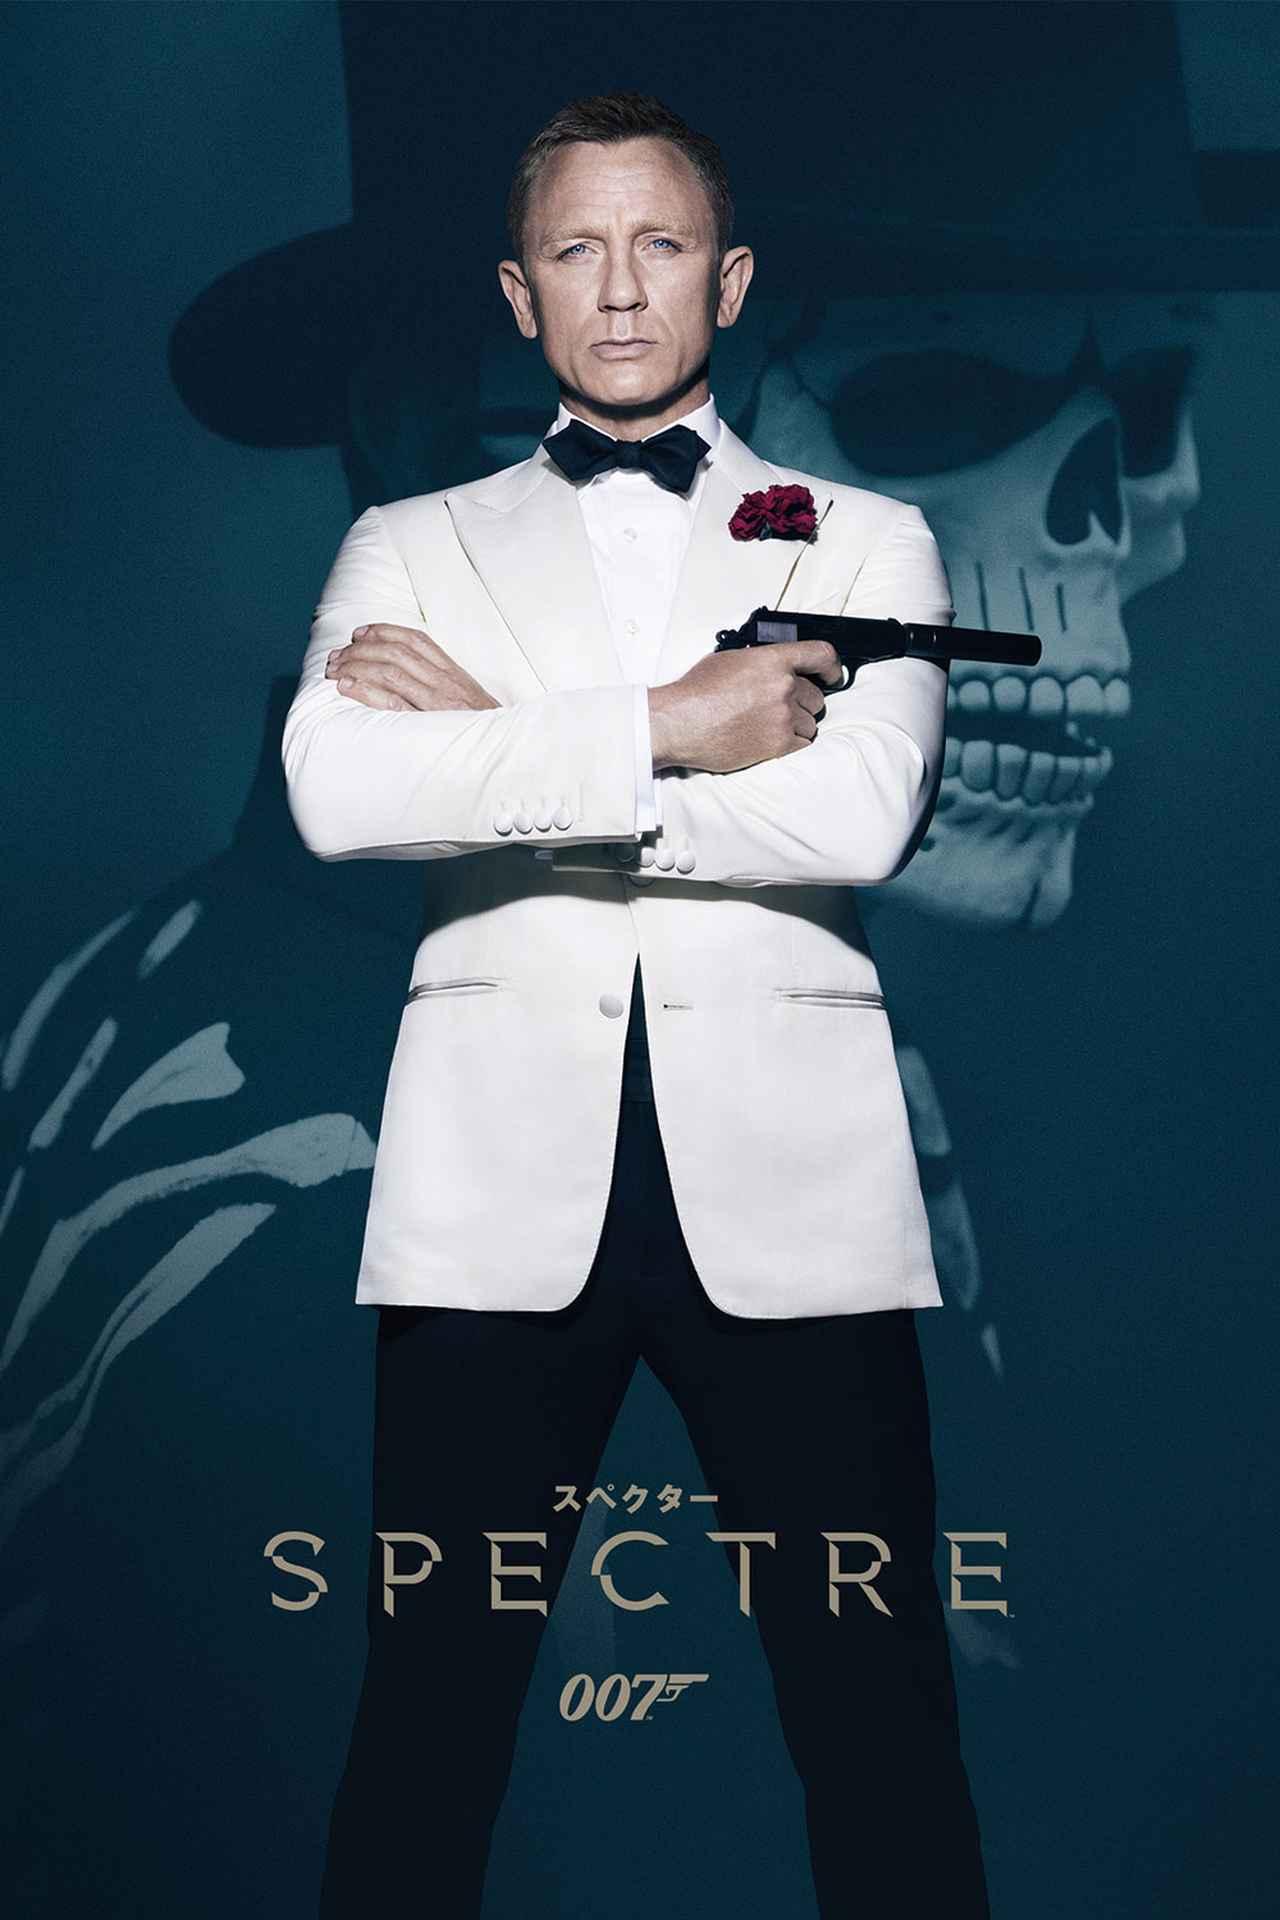 画像24: 世界のポスターで見る「007」シリーズ 全24作品まとめ